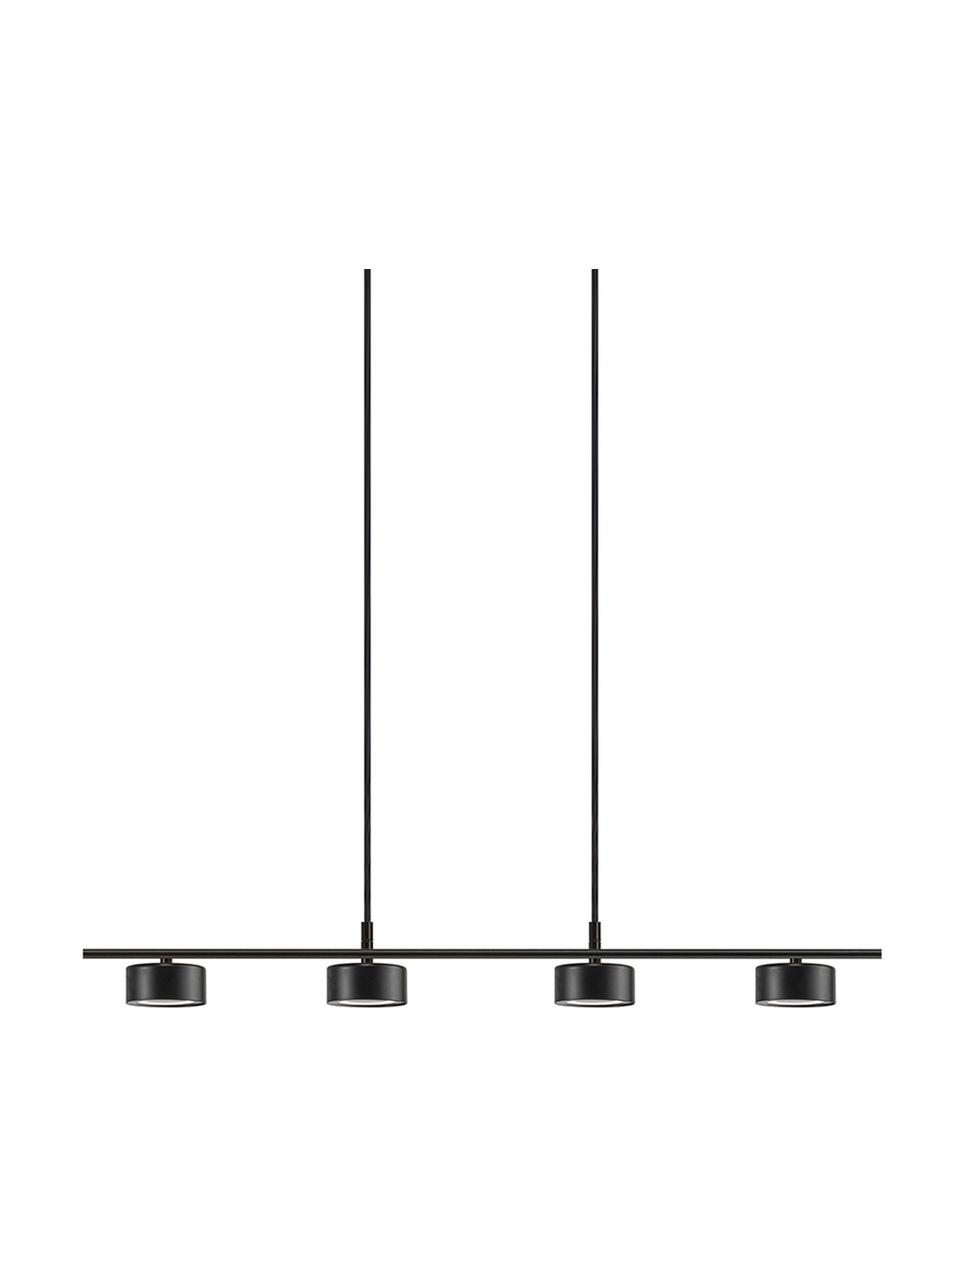 Lampa wisząca LED z funkcją przyciemniania Clyde, Czarny, S 115 x W 10 cm